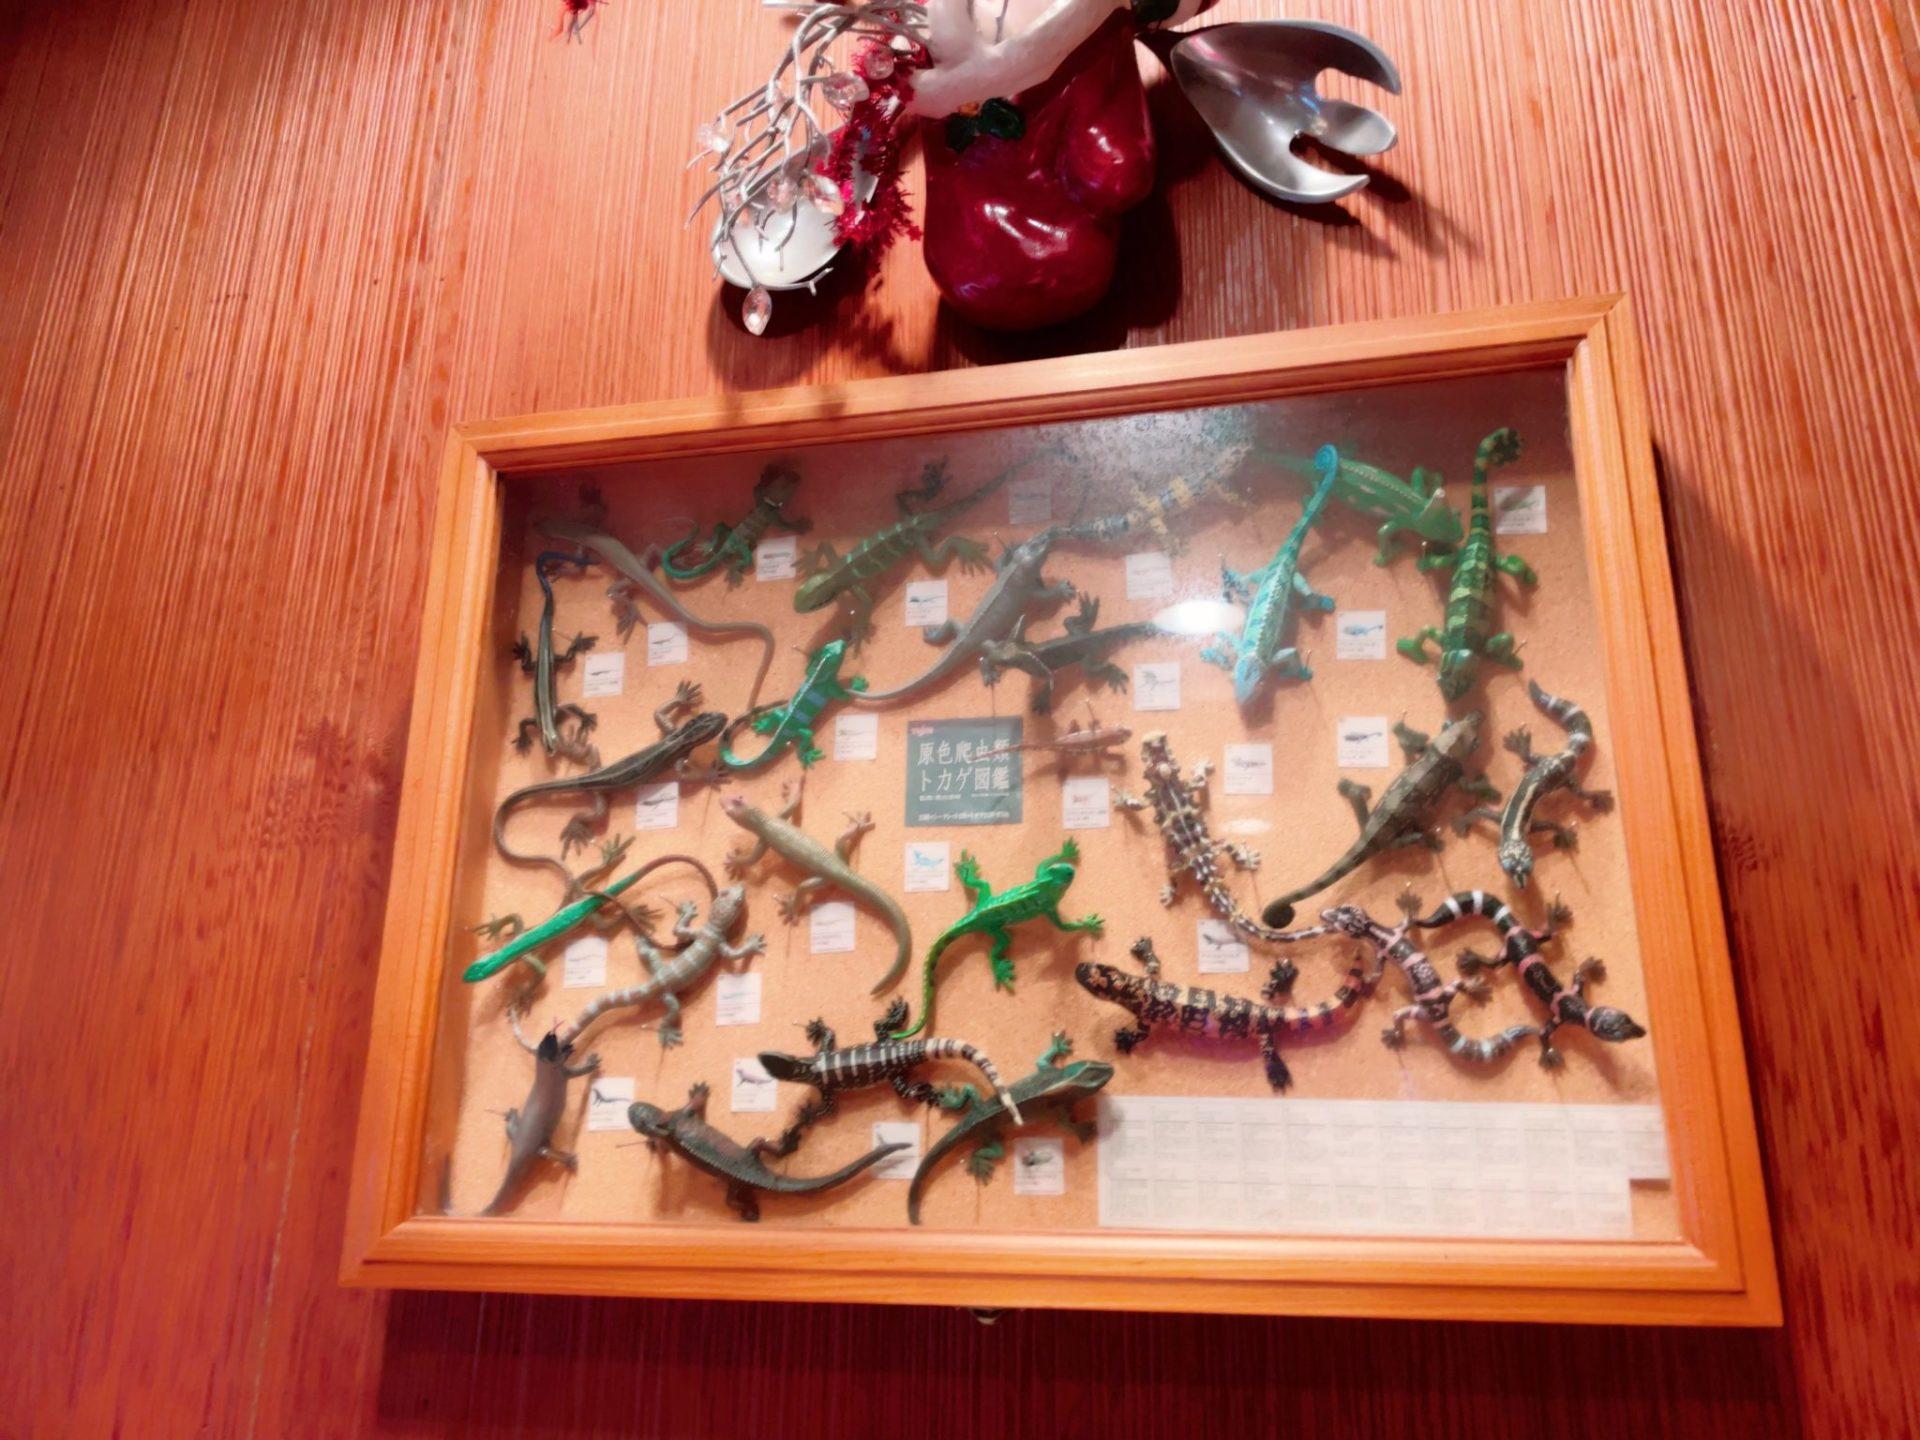 虫の巣EST 下高井戸のトカゲグッズ